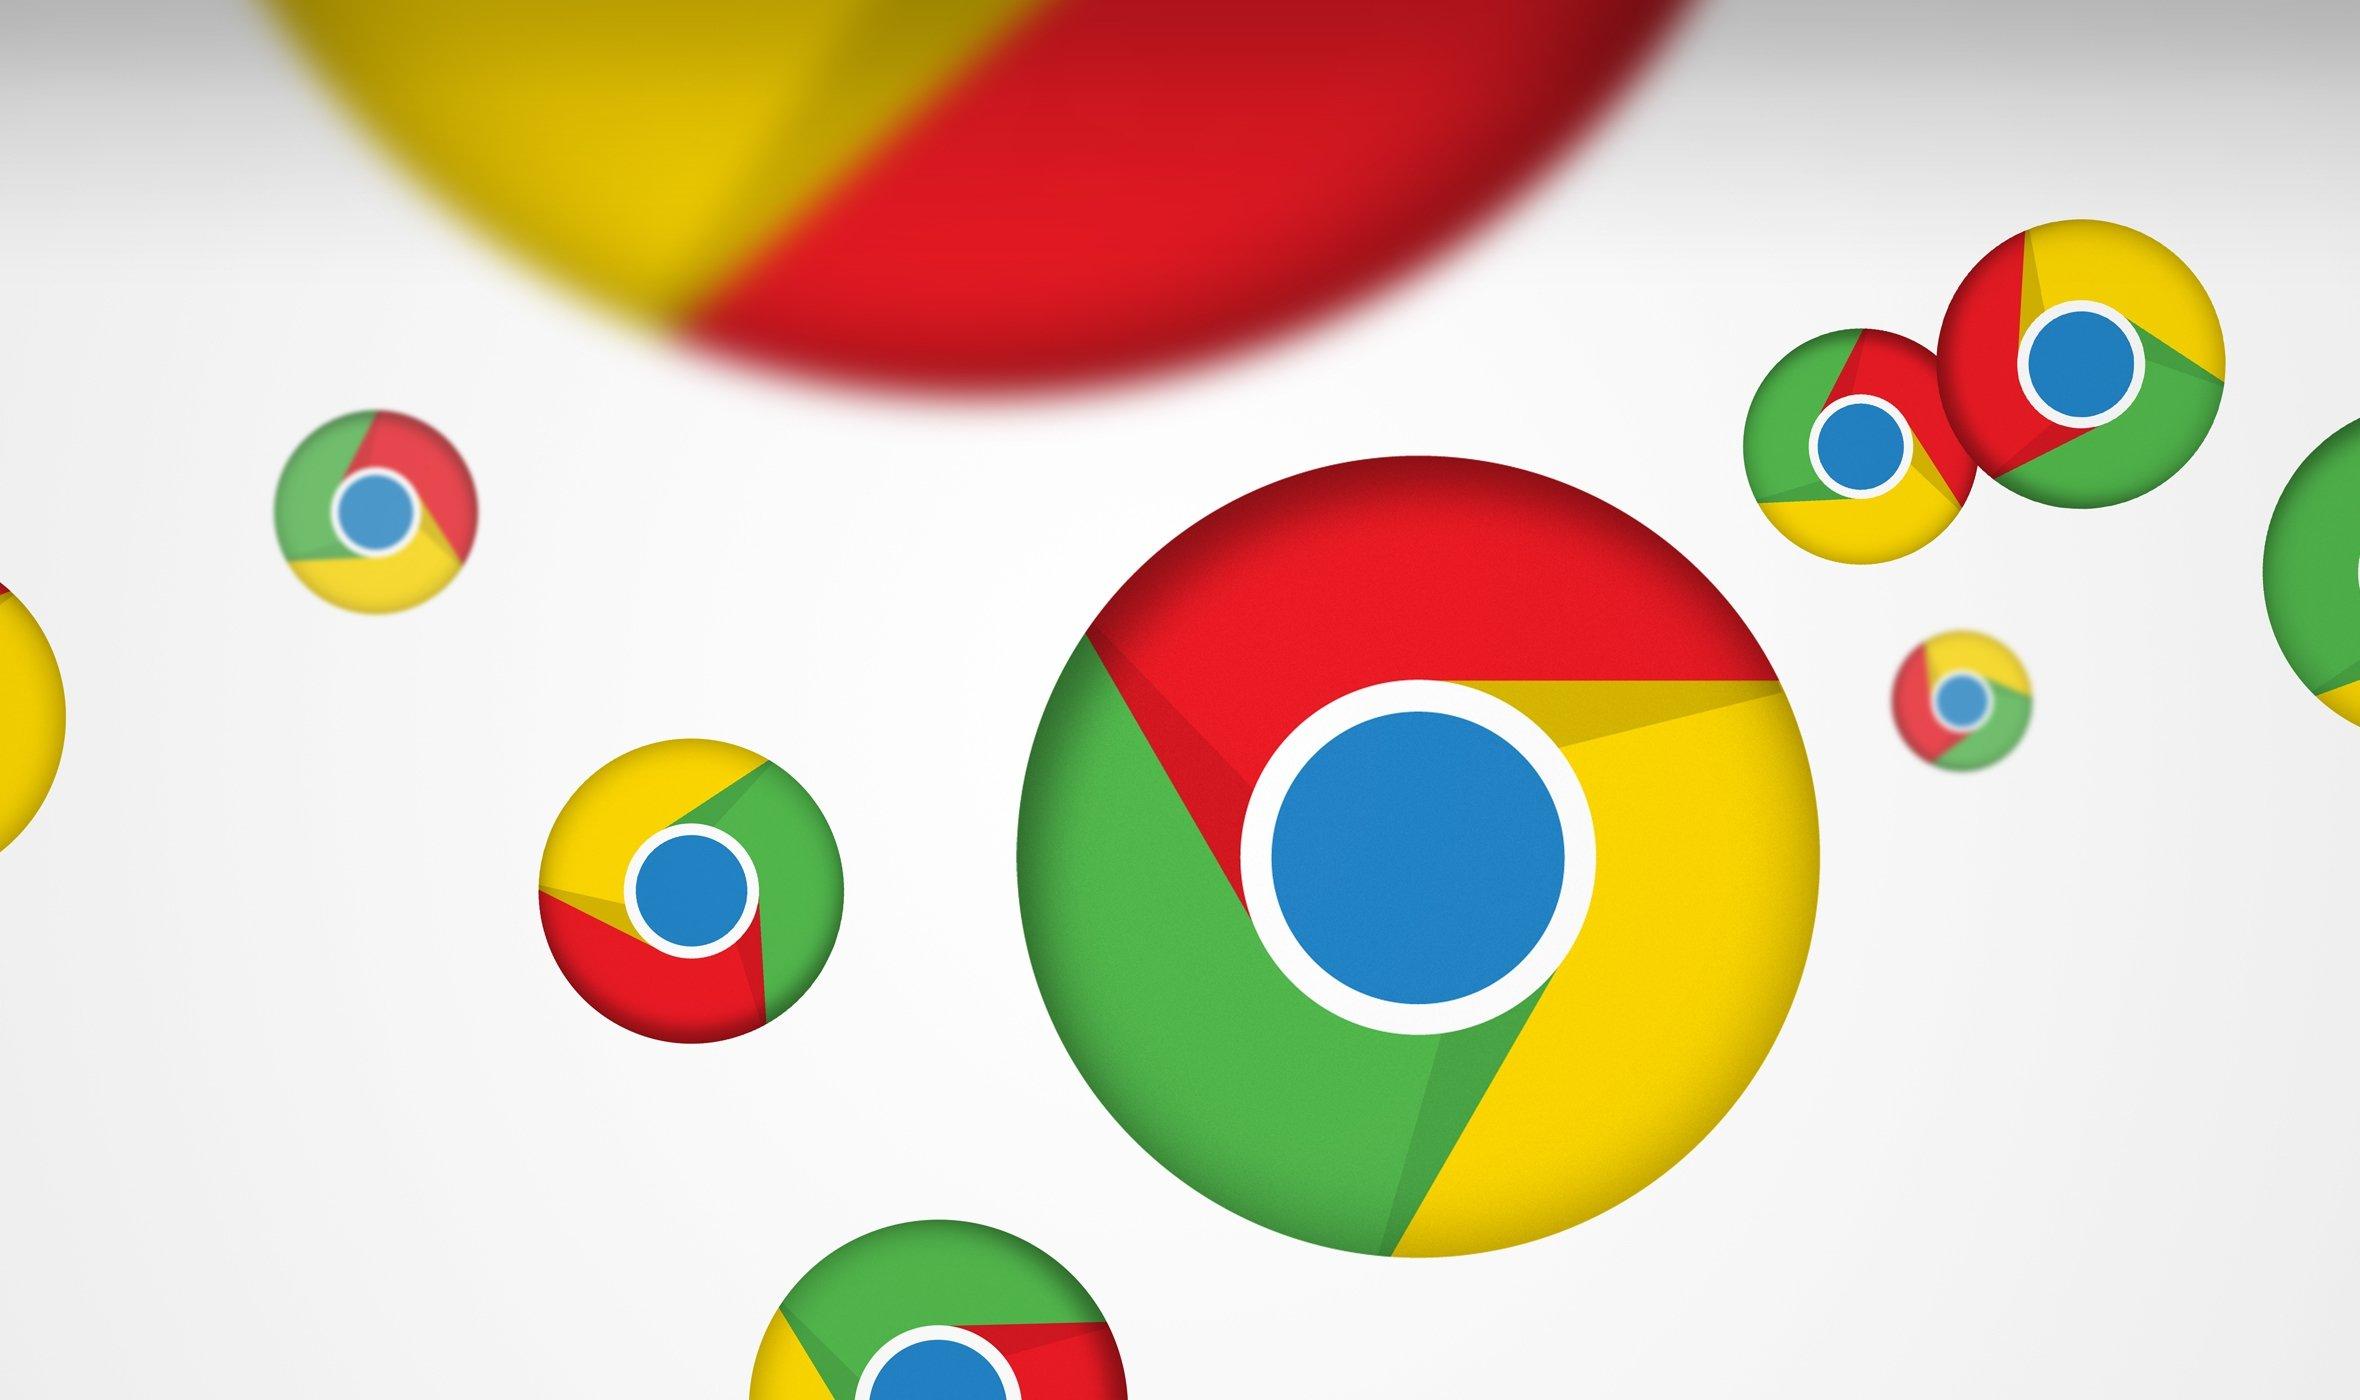 Google chrome logos saltitões